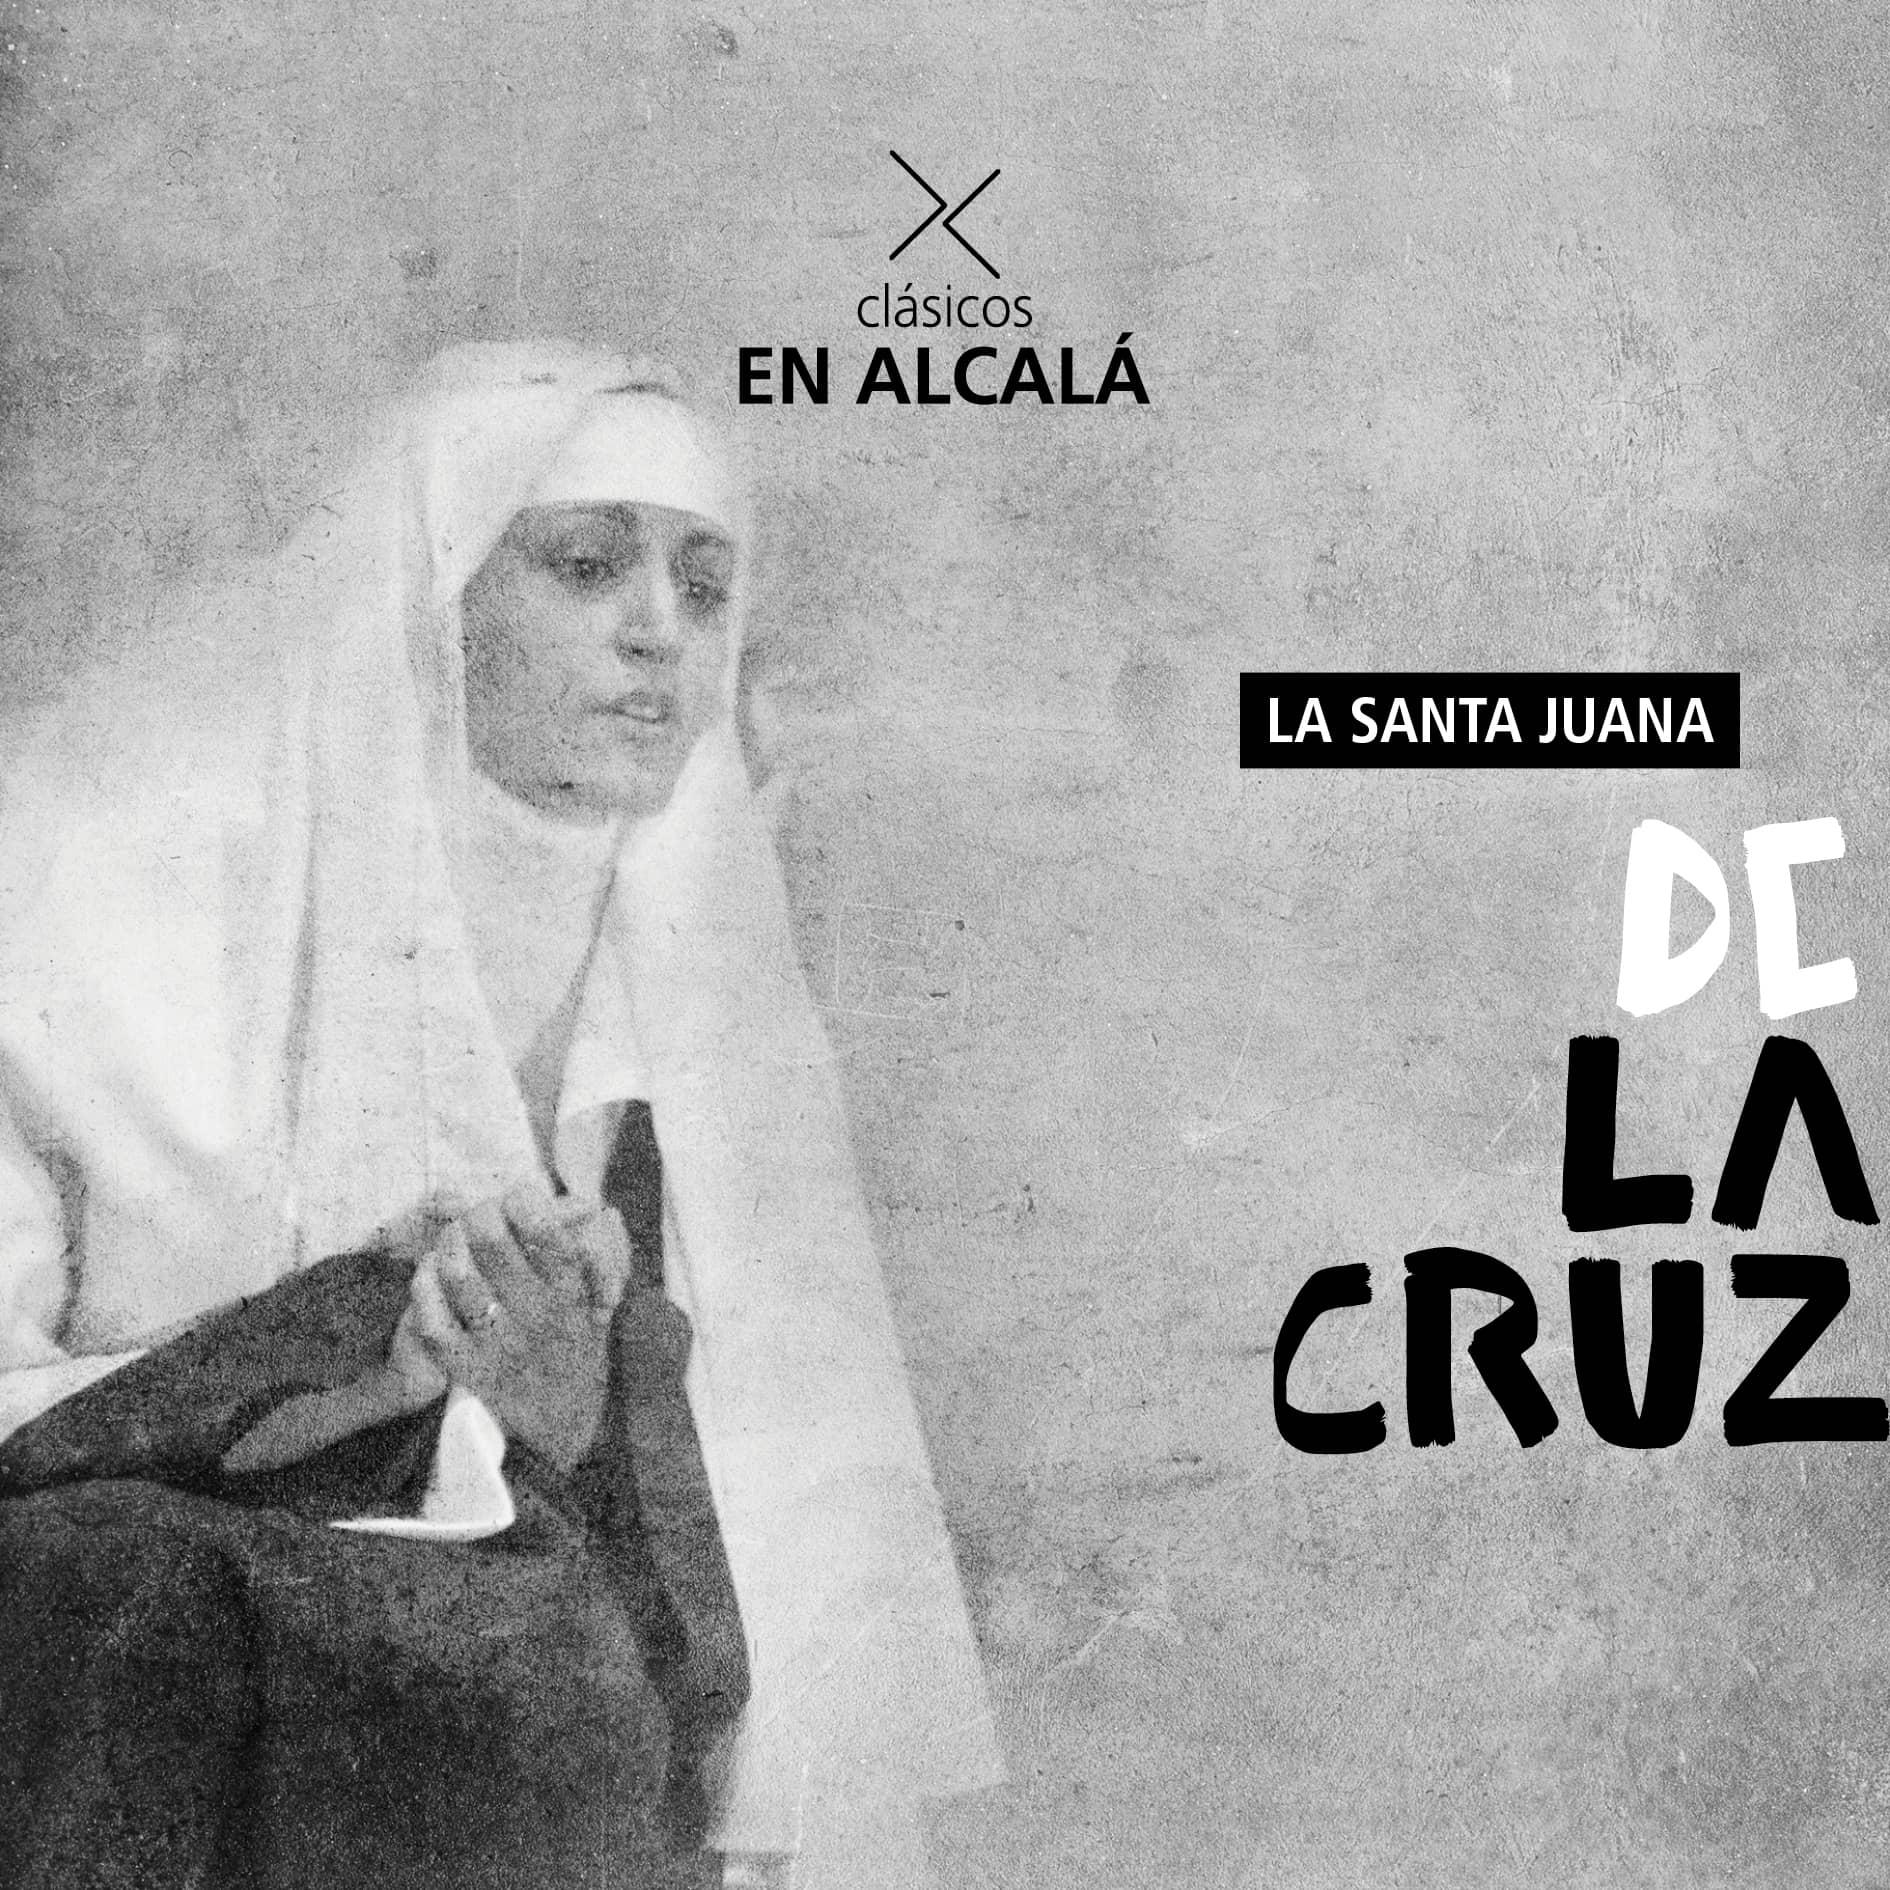 SANTA JUANA DE LA CRUZ